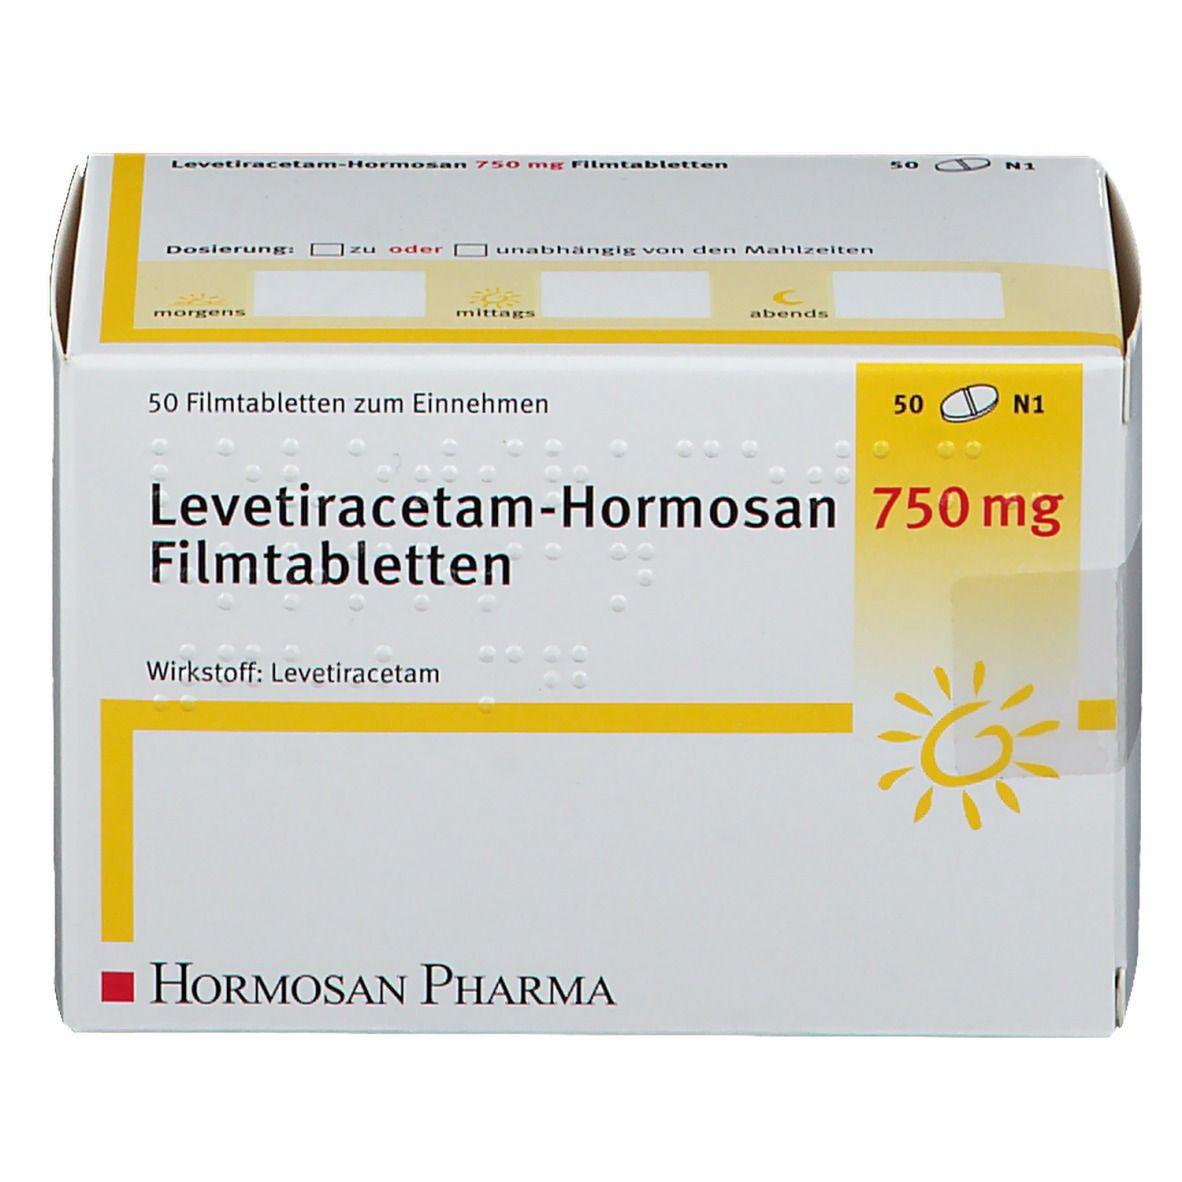 LEVETIRACETAM Hormosan 750 mg Filmtabletten